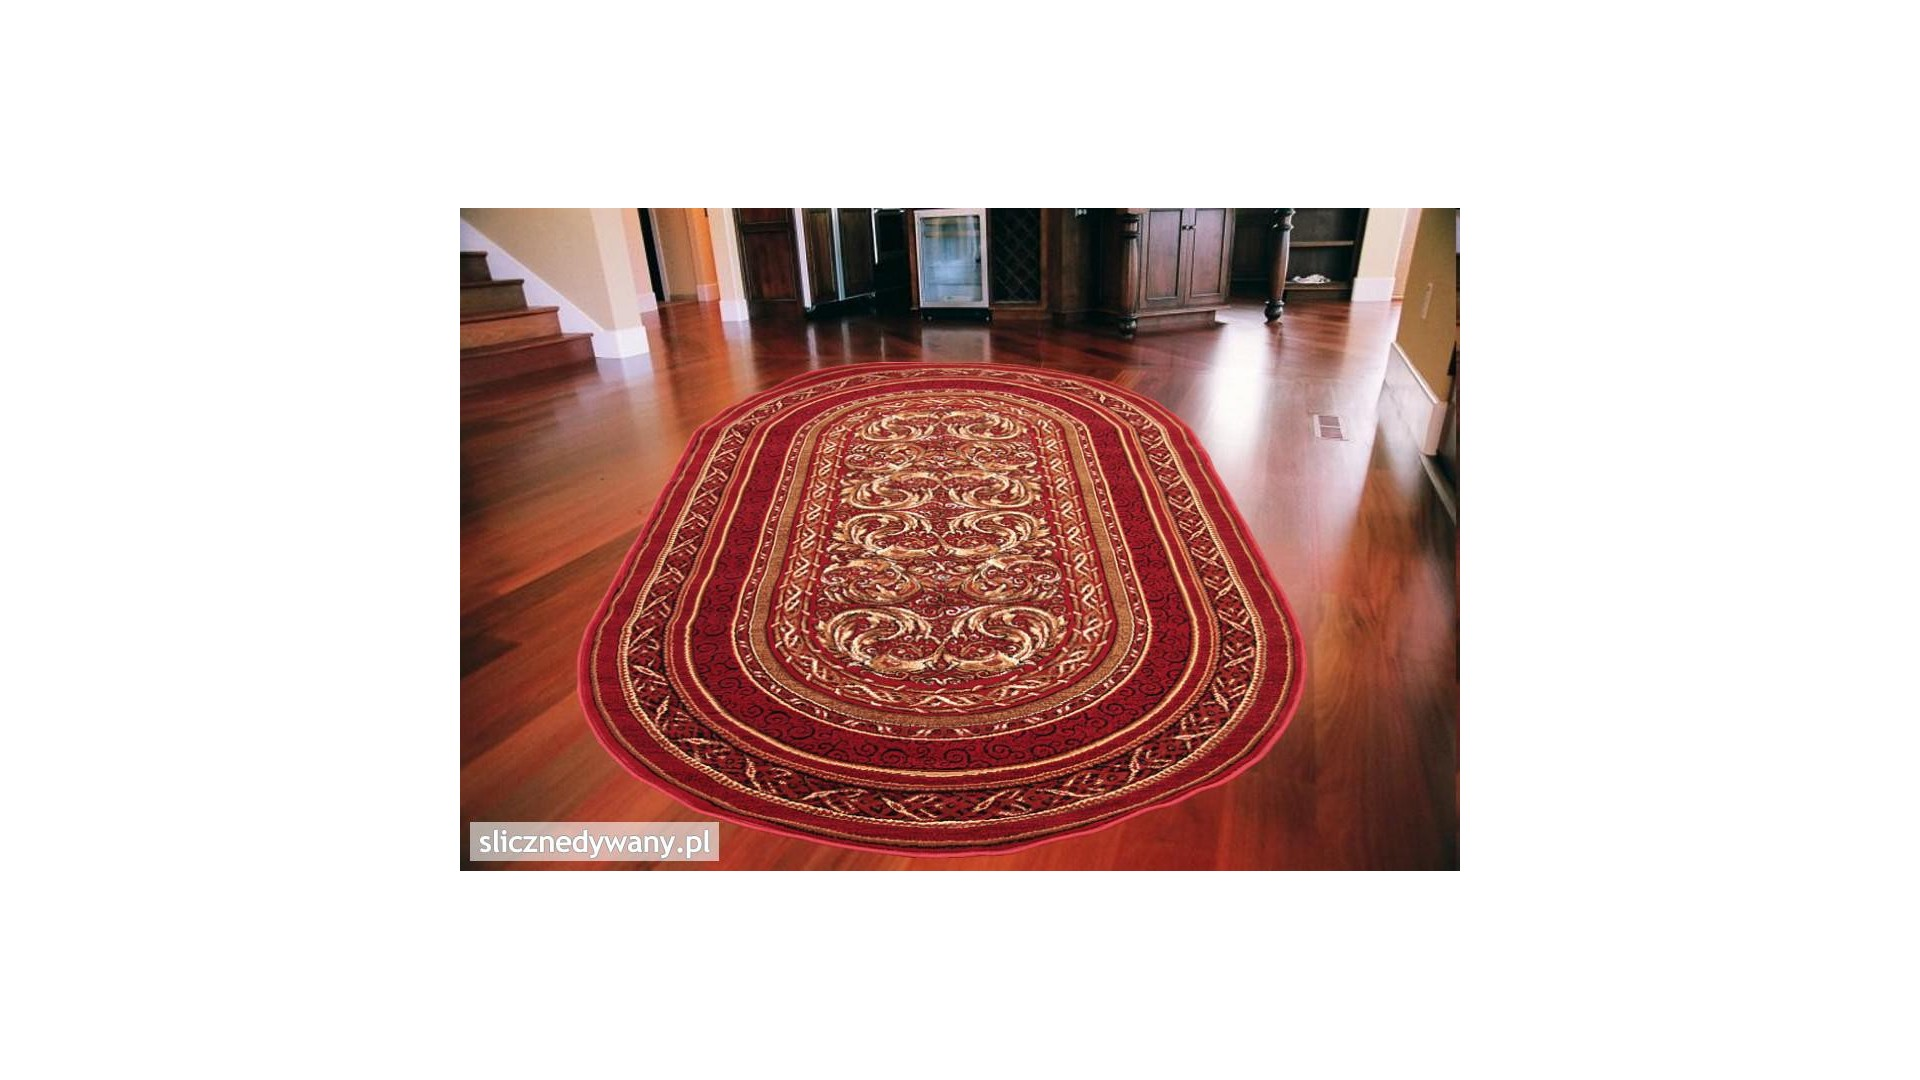 Modny, klasyczny dywan do każdego wnętrza domu.